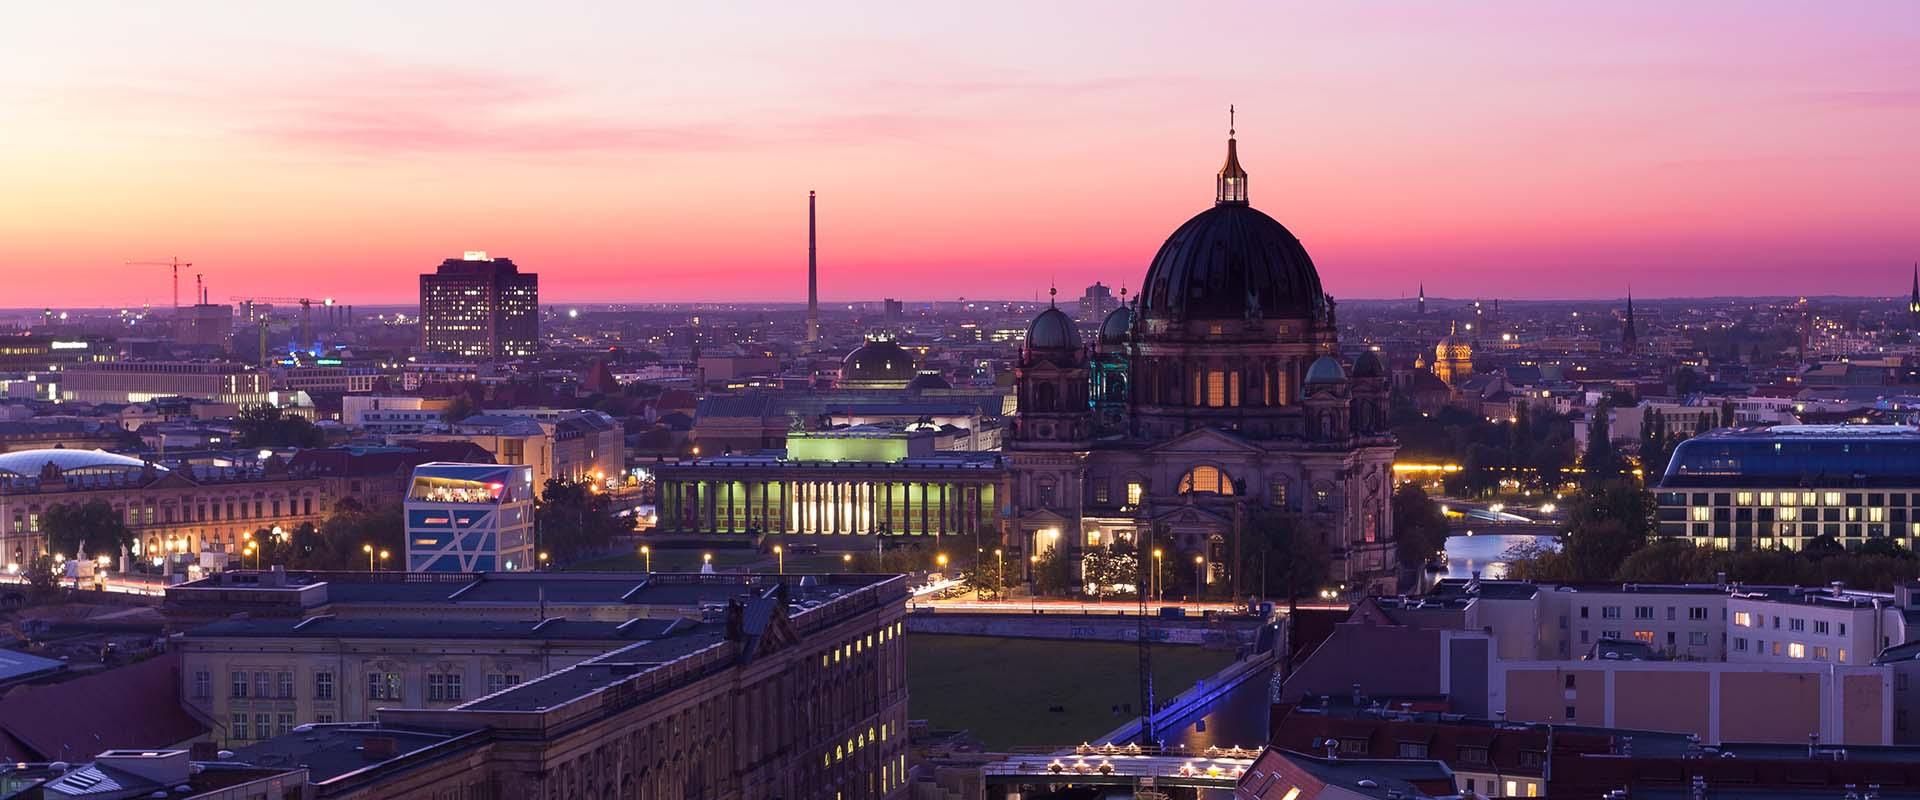 Reformationstag Berlin 2021